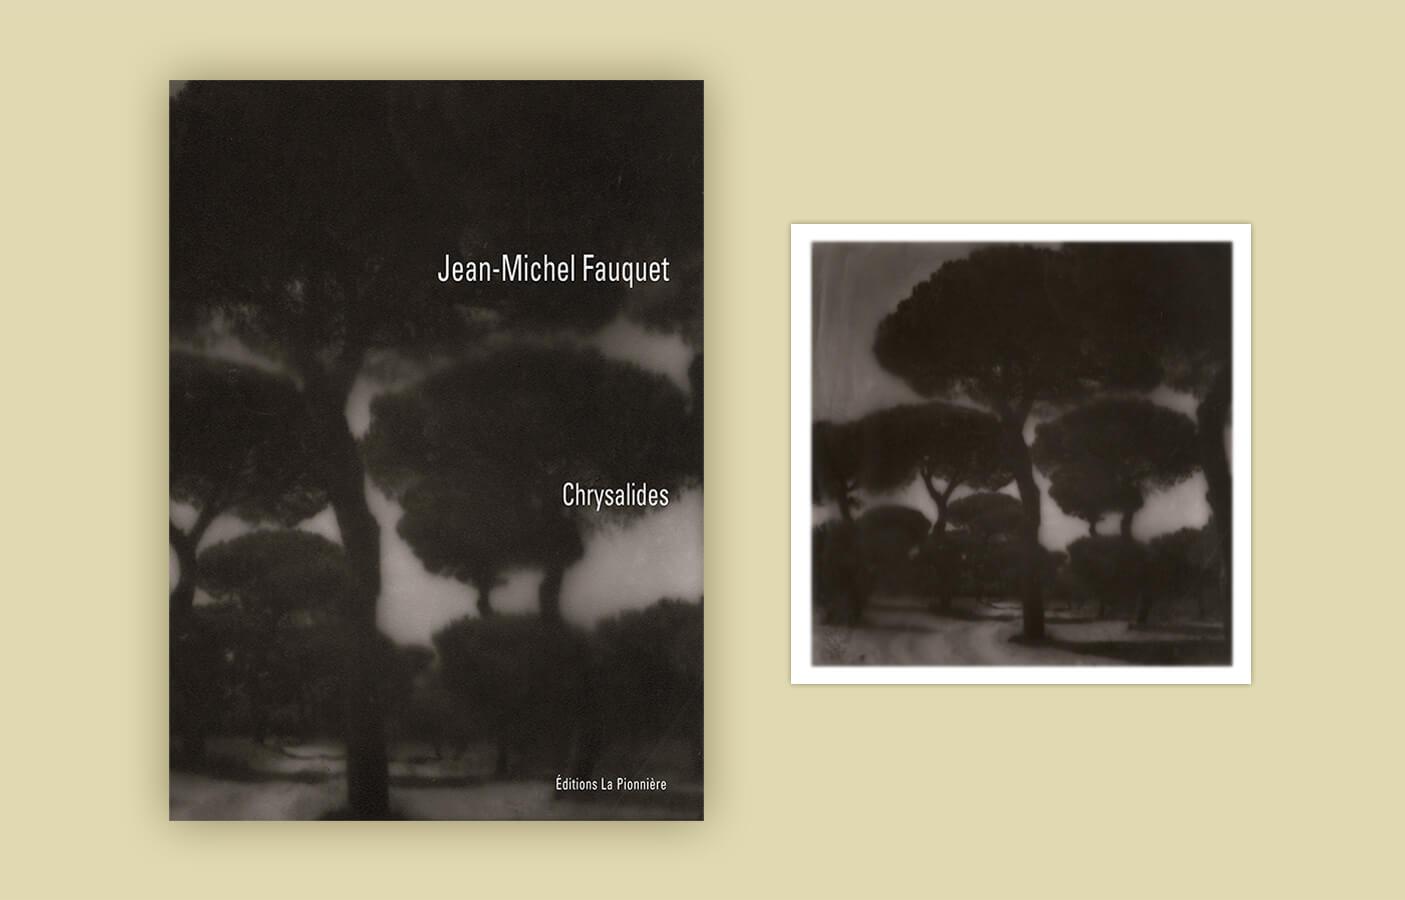 Chrysalides - Jean-Micel Fauquet - Tirage de tête- Editions la Pionnière